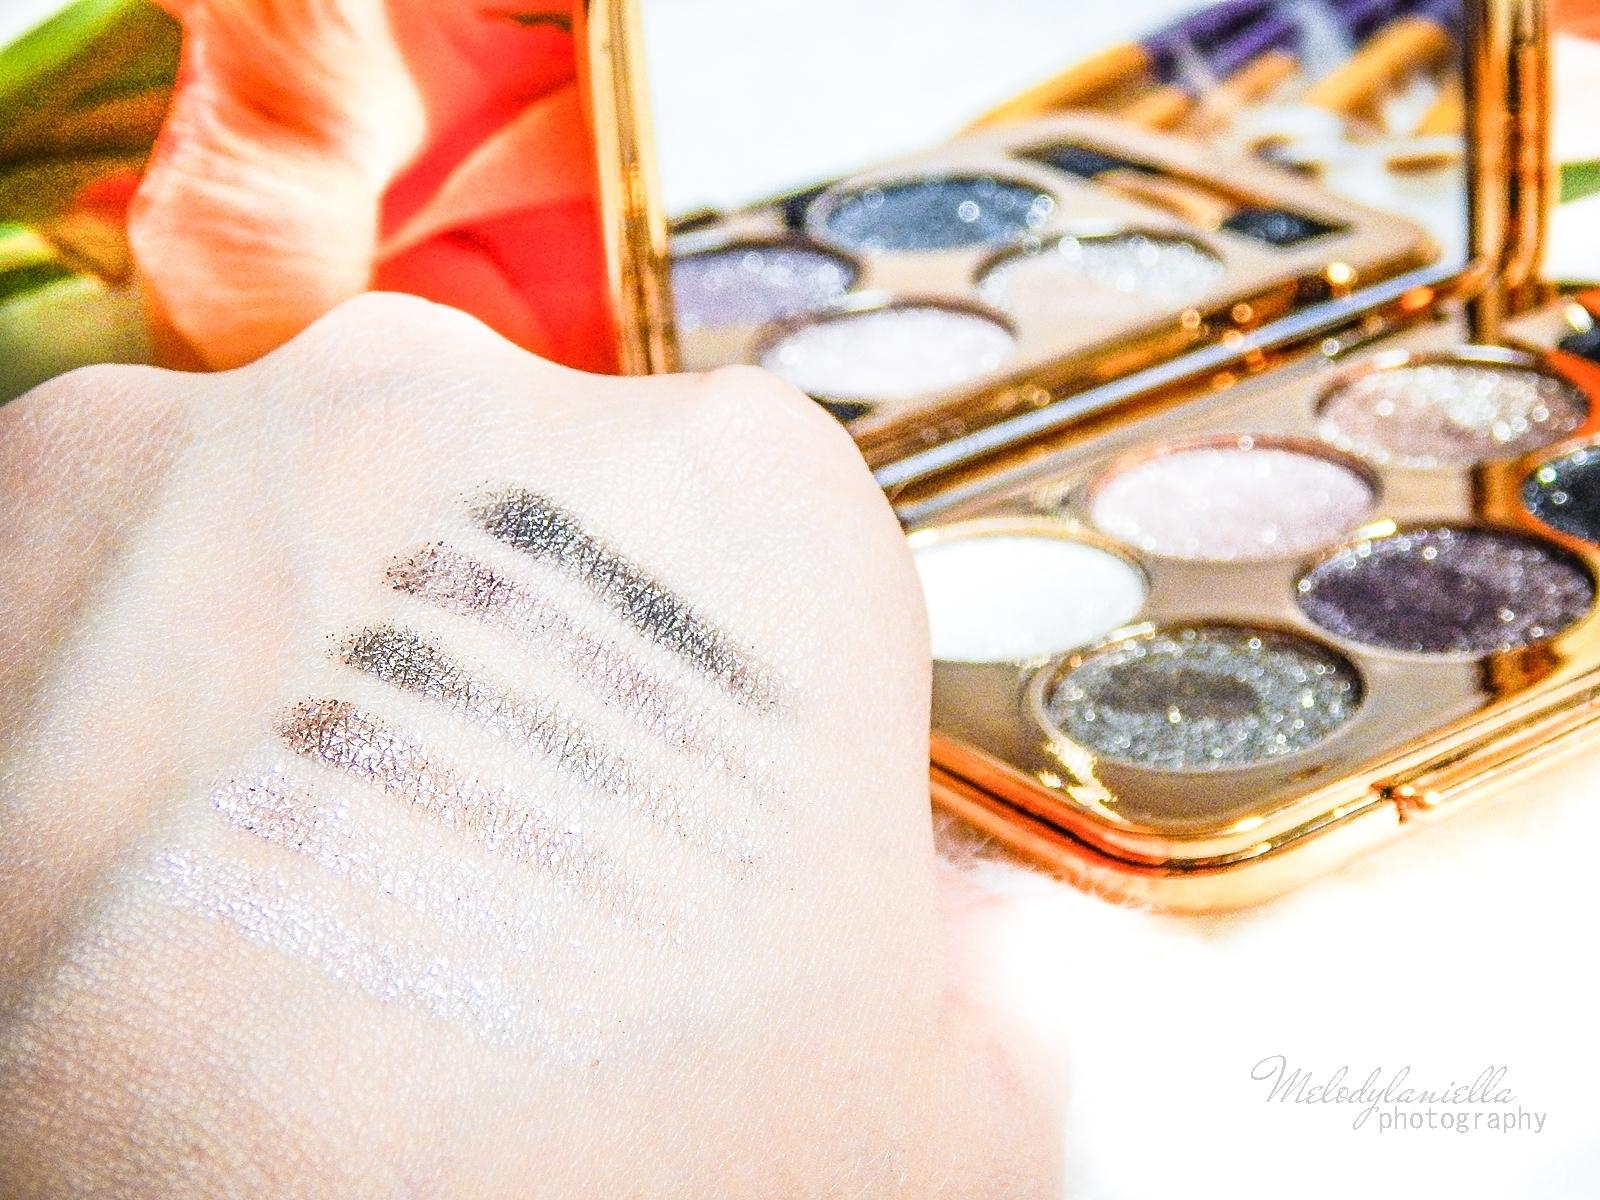 3 azjatyckie chińskie kosmetyki recenzja melodylaniella beauty paleta 6 cieni brokatowe cienie do powiek sammydress cienie do powiek ze złotem i brokatem kolory